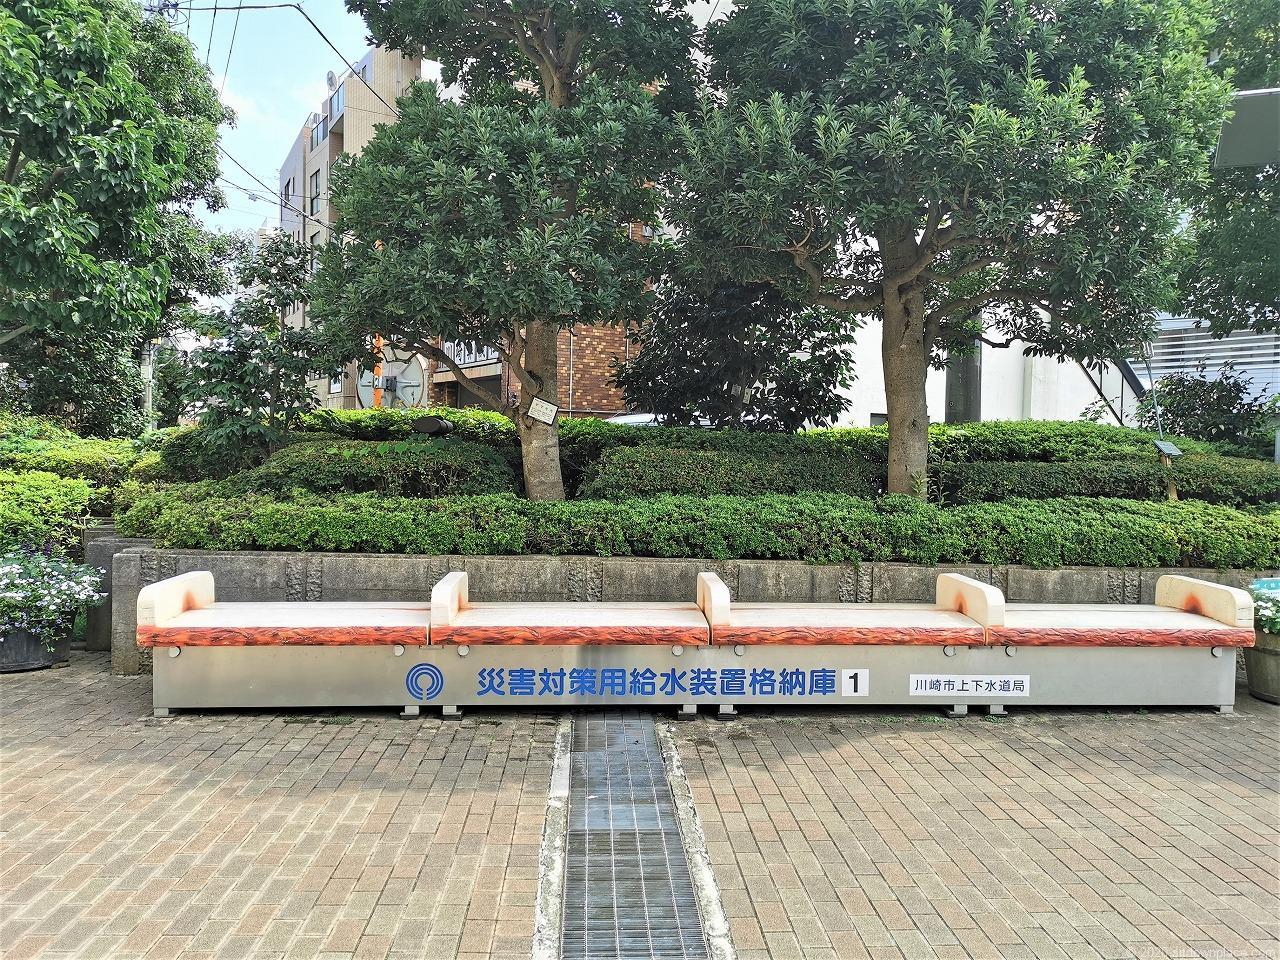 武蔵小杉駅 中原区役所前の休憩場所のベンチ